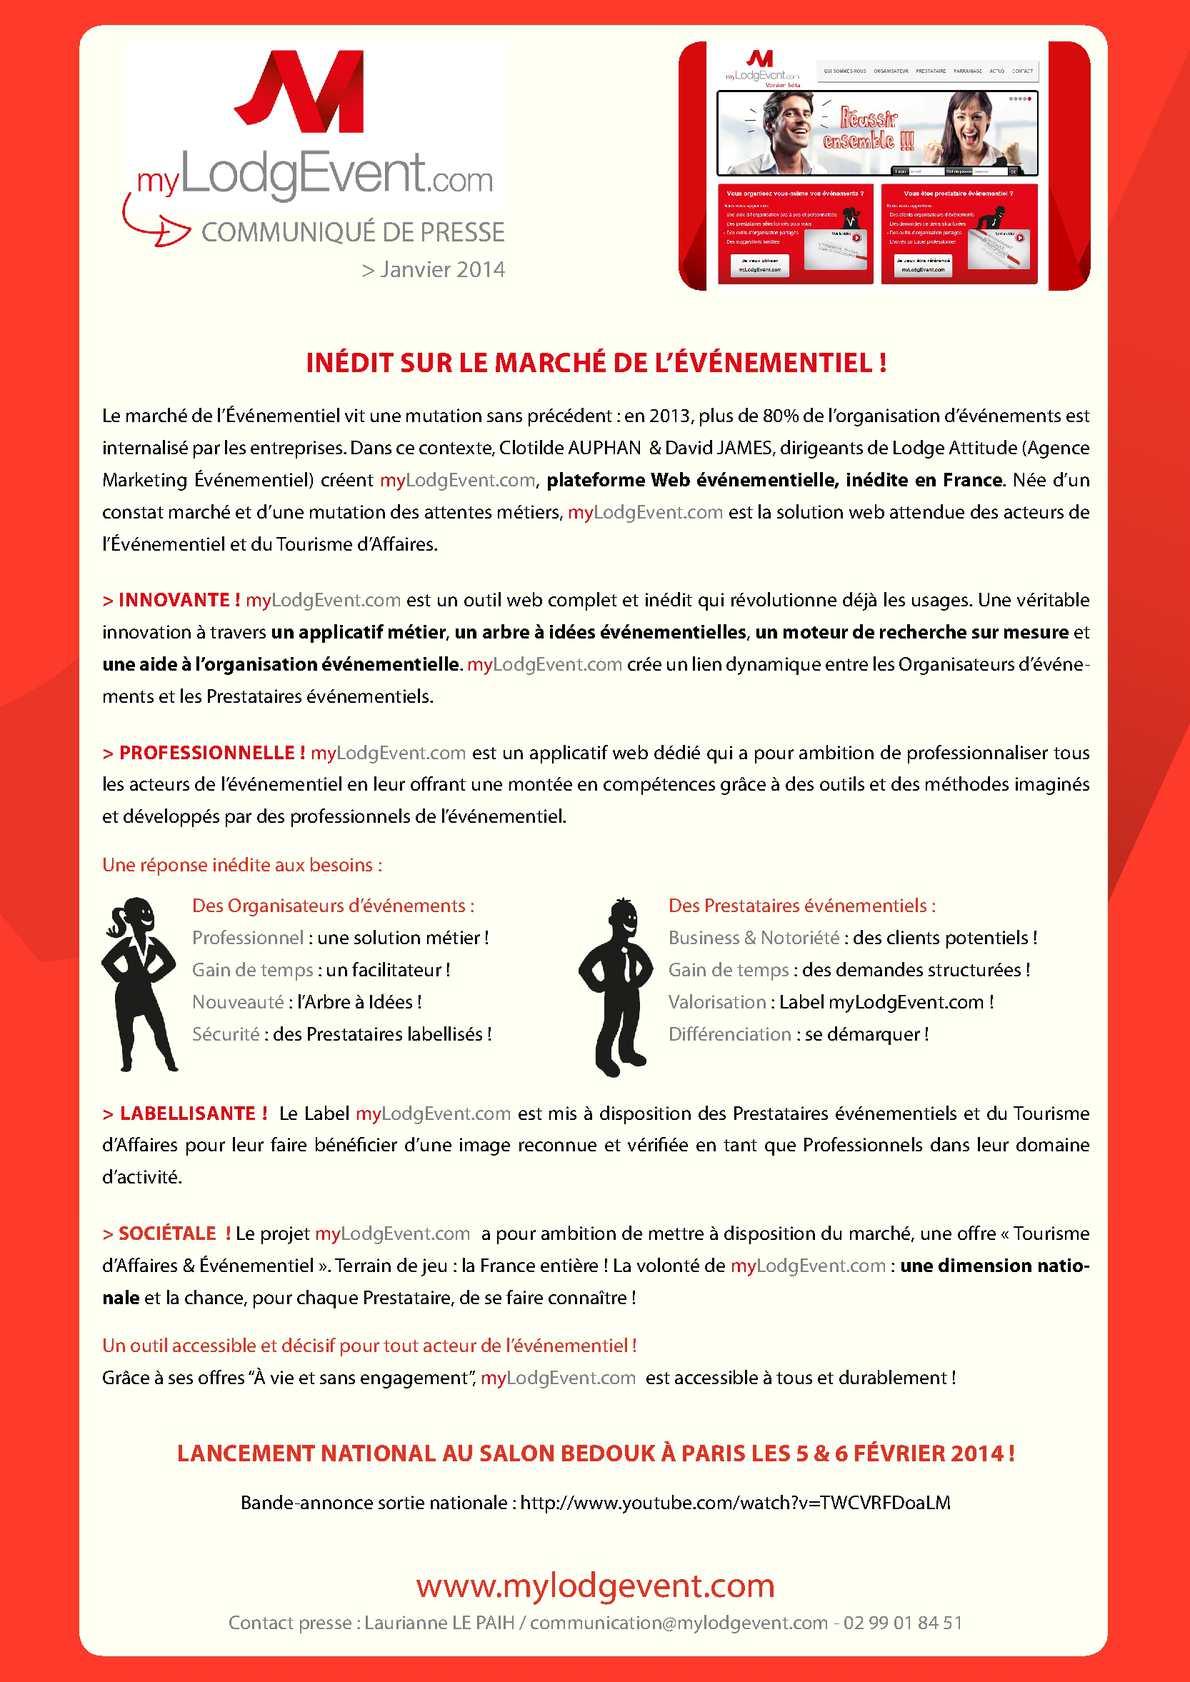 Dossier De Presse Mylodgevent Com Calameo Downloader